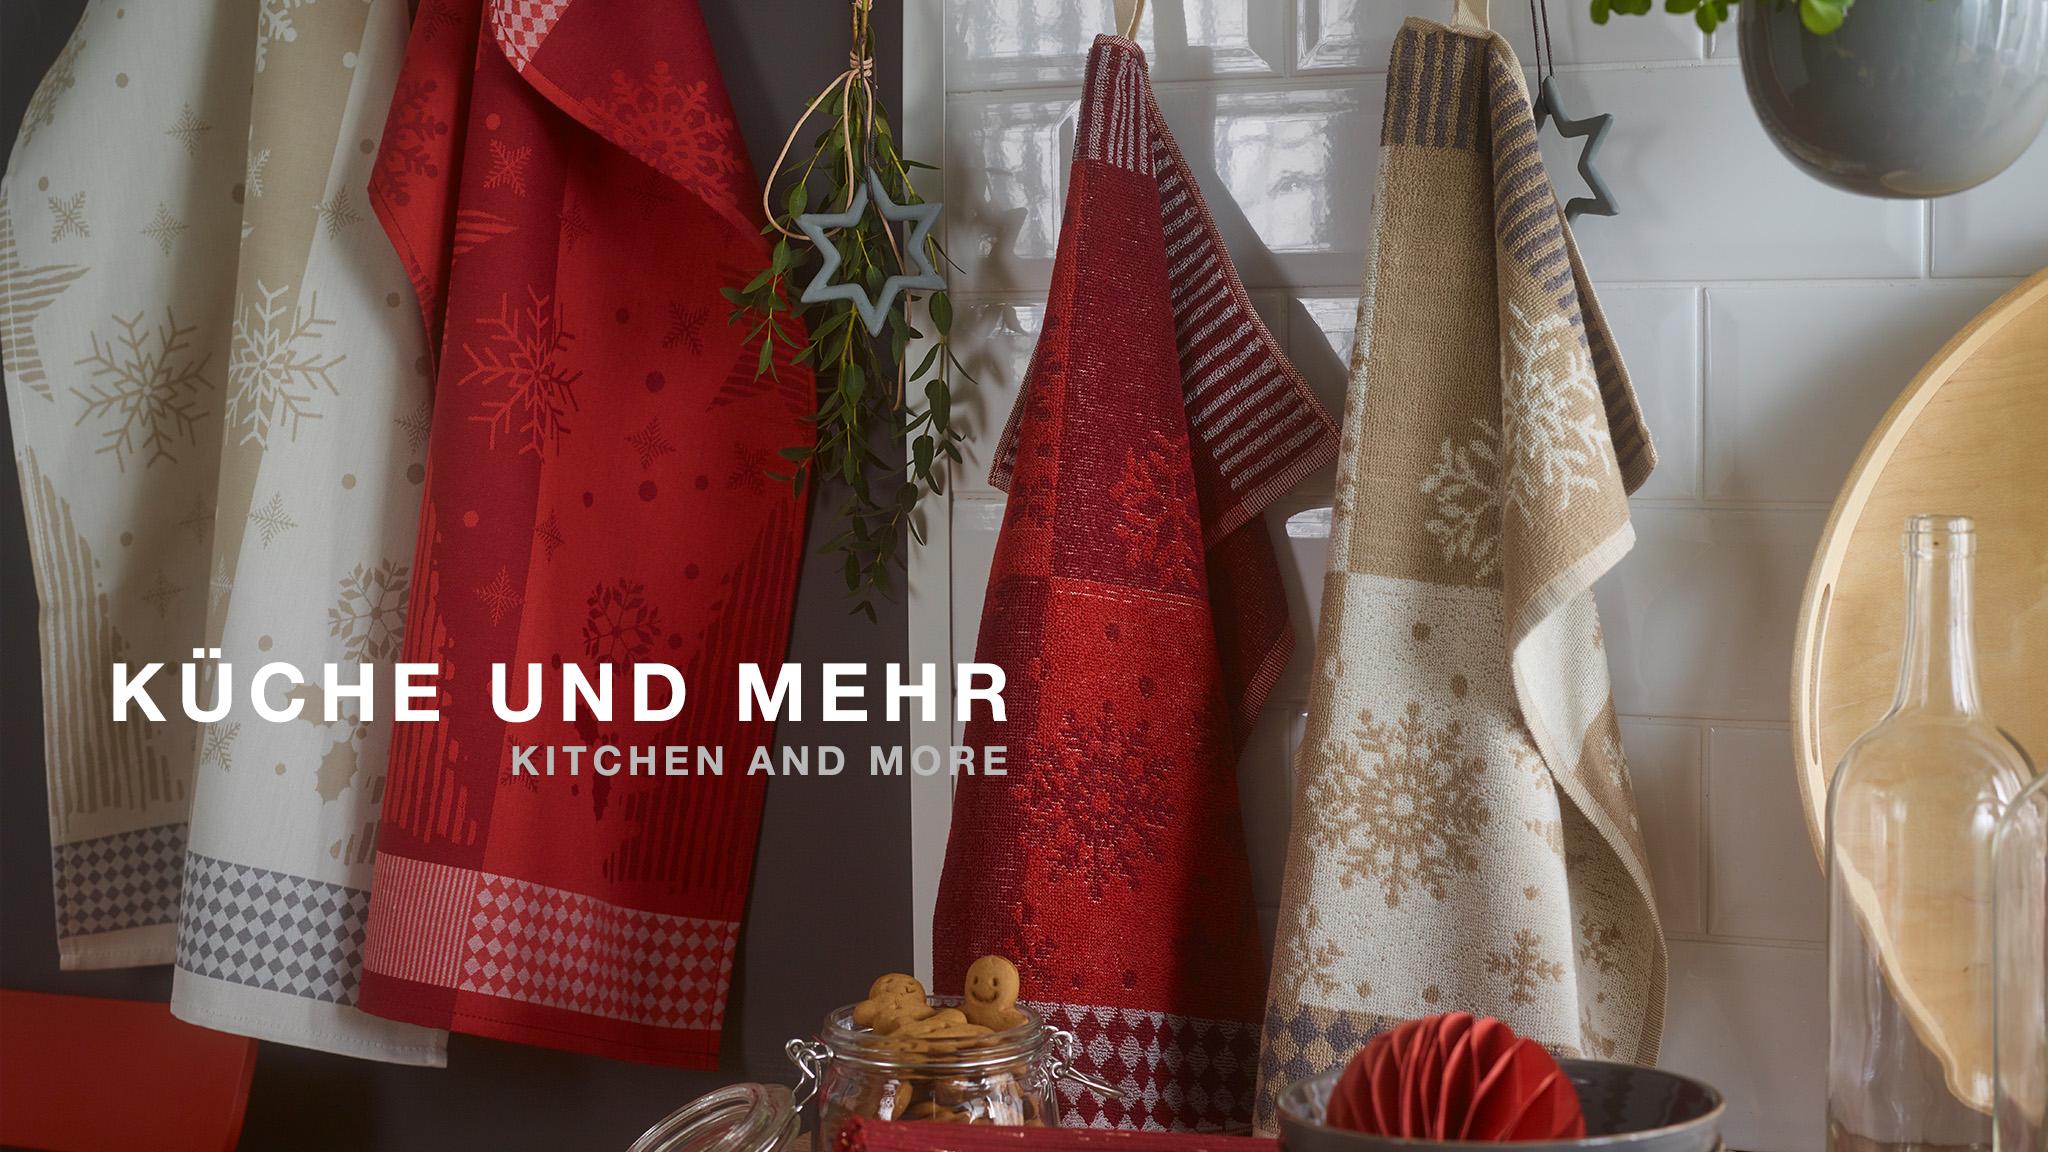 SANDER_KÜCHE&MEHR_XM_2018x1152px_01